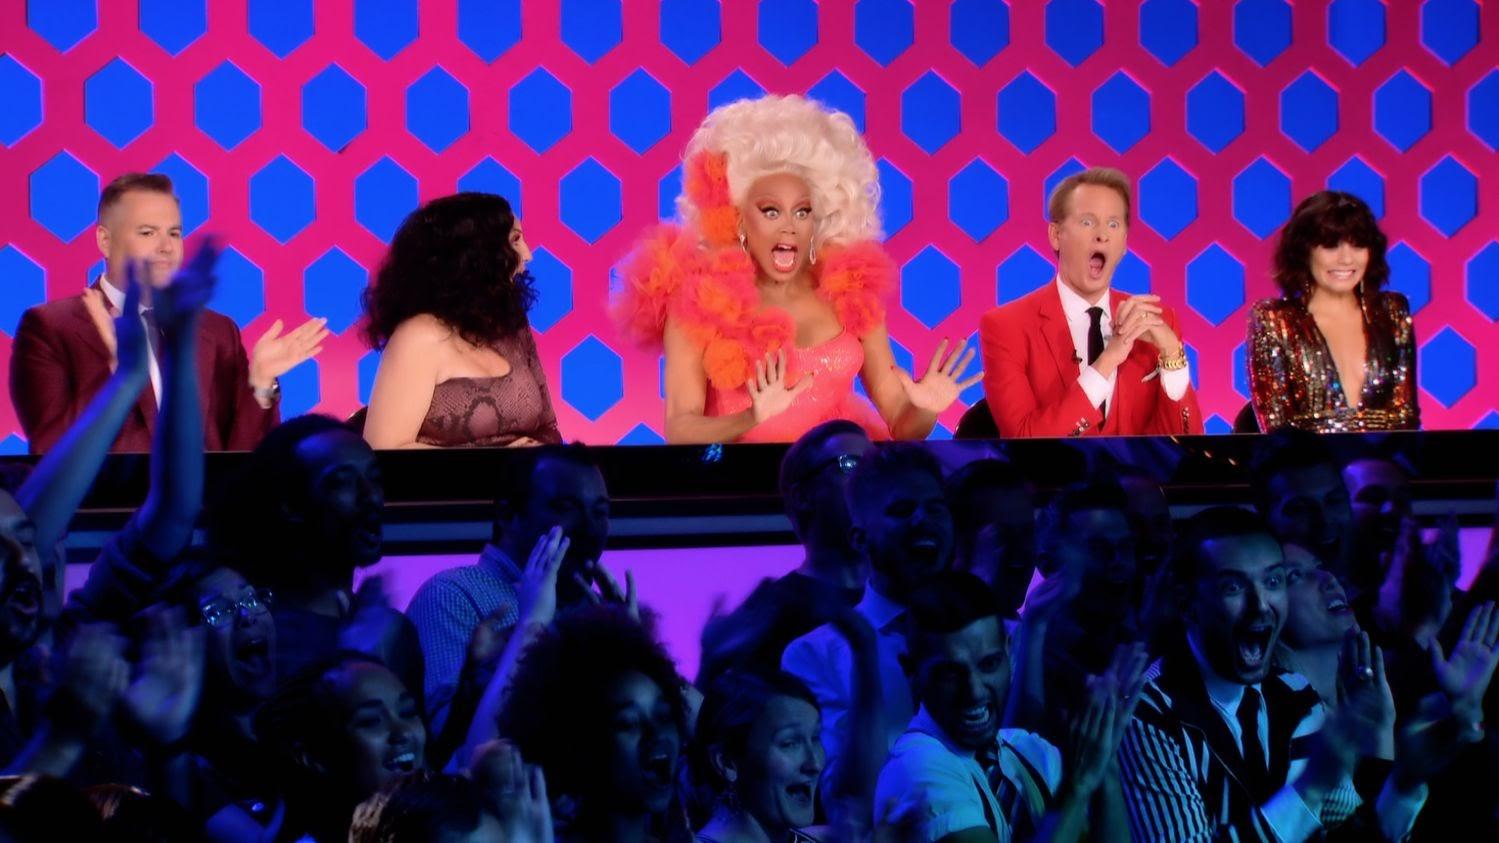 As queens já mostraram a que vieram nos primeiros minutos da terceira temporada, em um verdadeiro show de talentos variados e looks fabulosos.